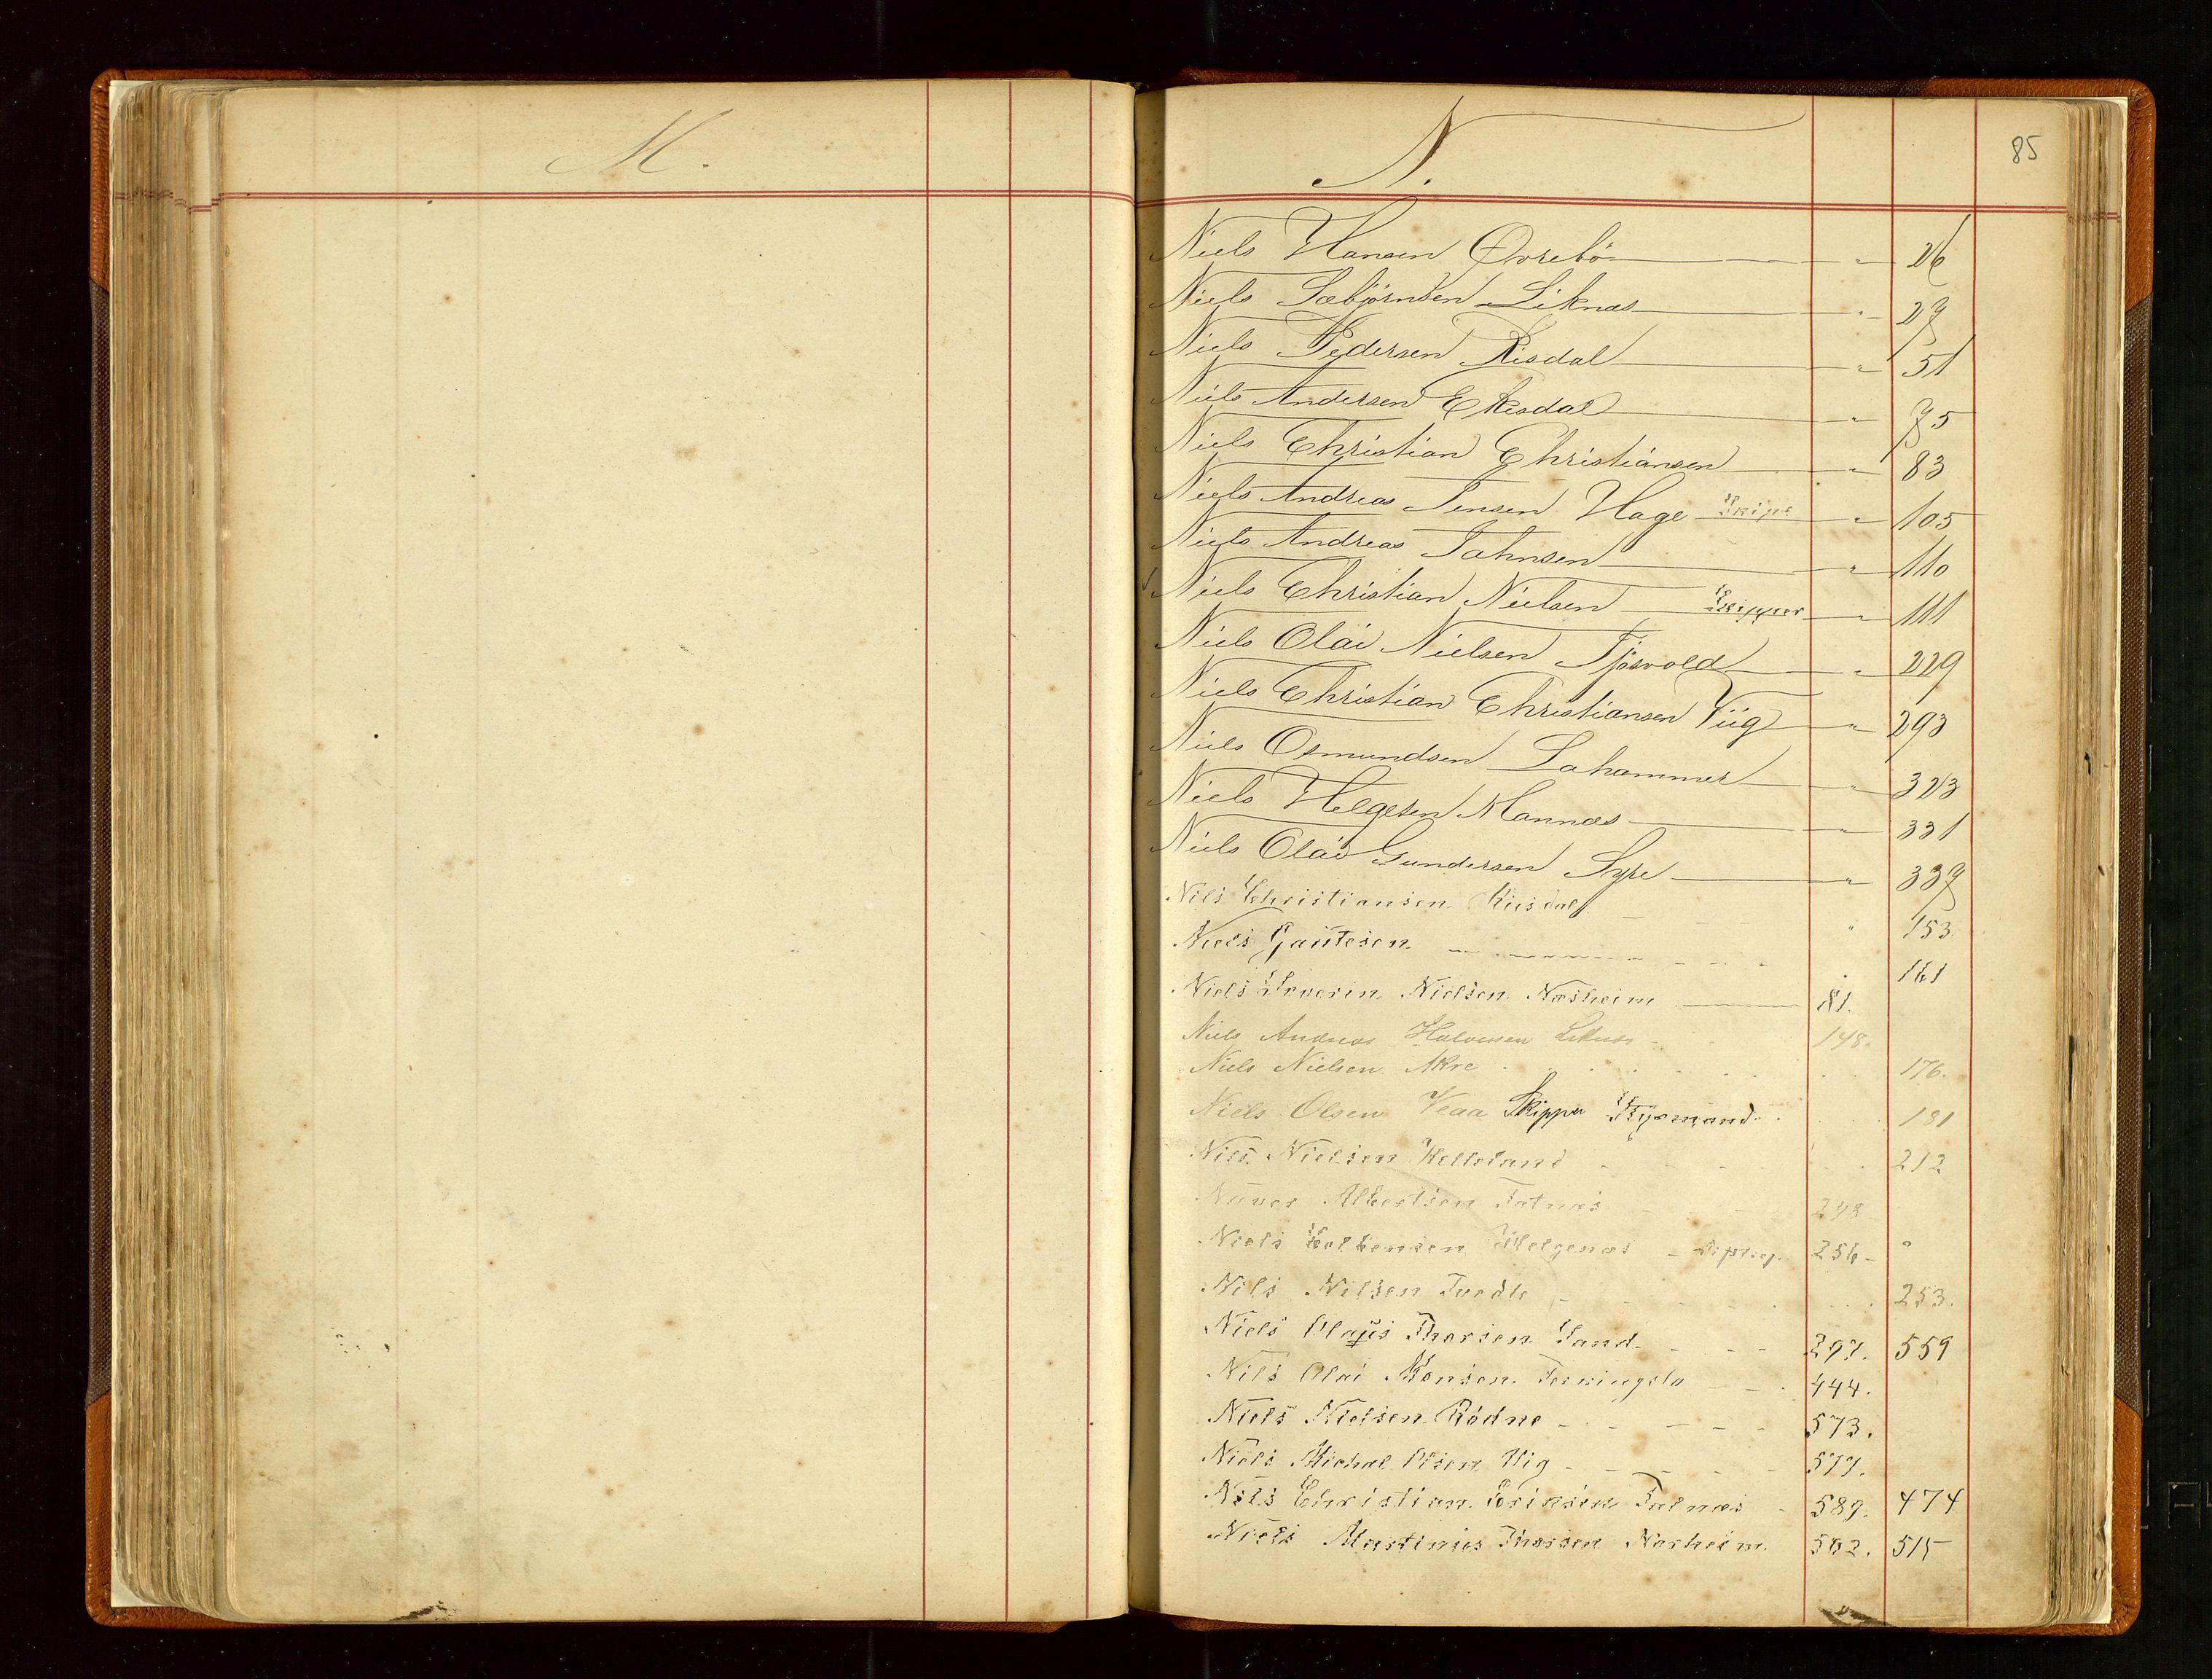 SAST, Haugesund sjømannskontor, F/Fb/Fba/L0003: Navneregister med henvisning til rullenummer (fornavn) Haugesund krets, 1860-1948, p. 85